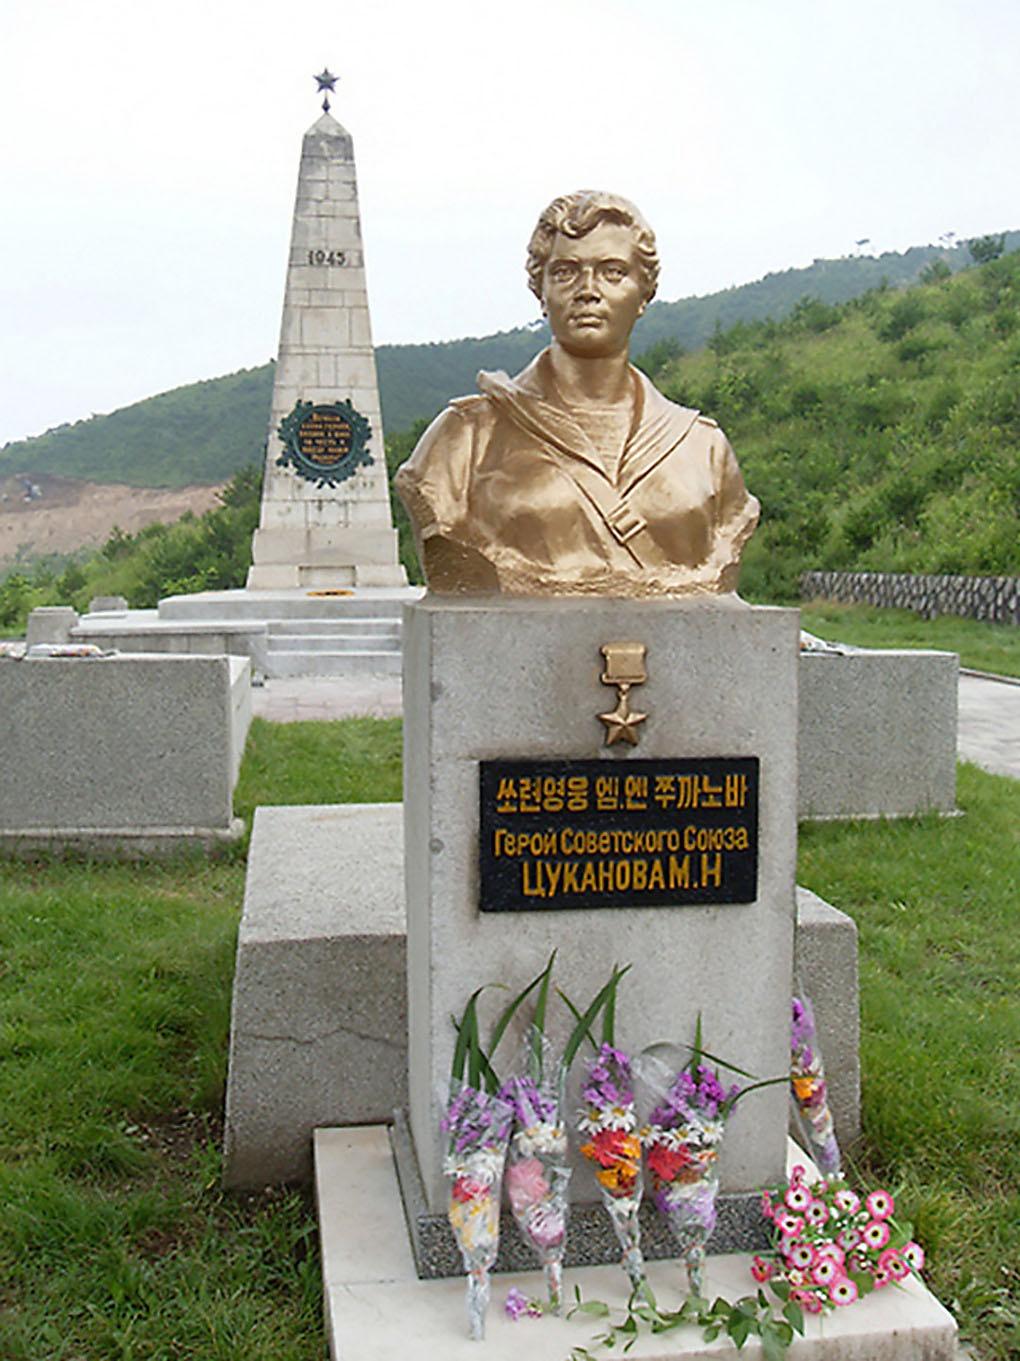 Бюст Героя Советского Союза М.Н. Цукановой на мемориальном комплексе на Сопке героев в городе Чхонджин.